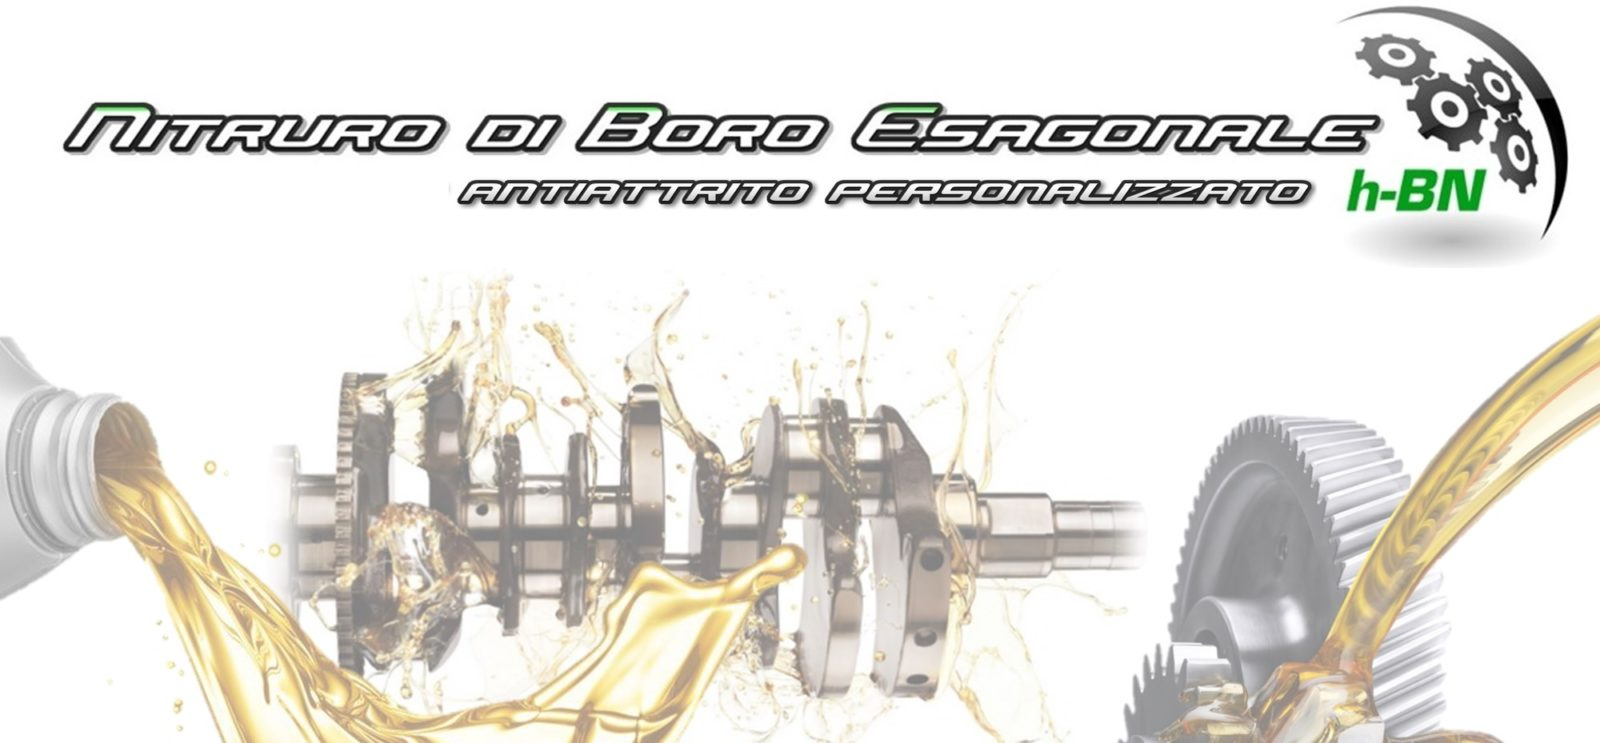 Nitruro di Boro Esagonale by Nitrobor